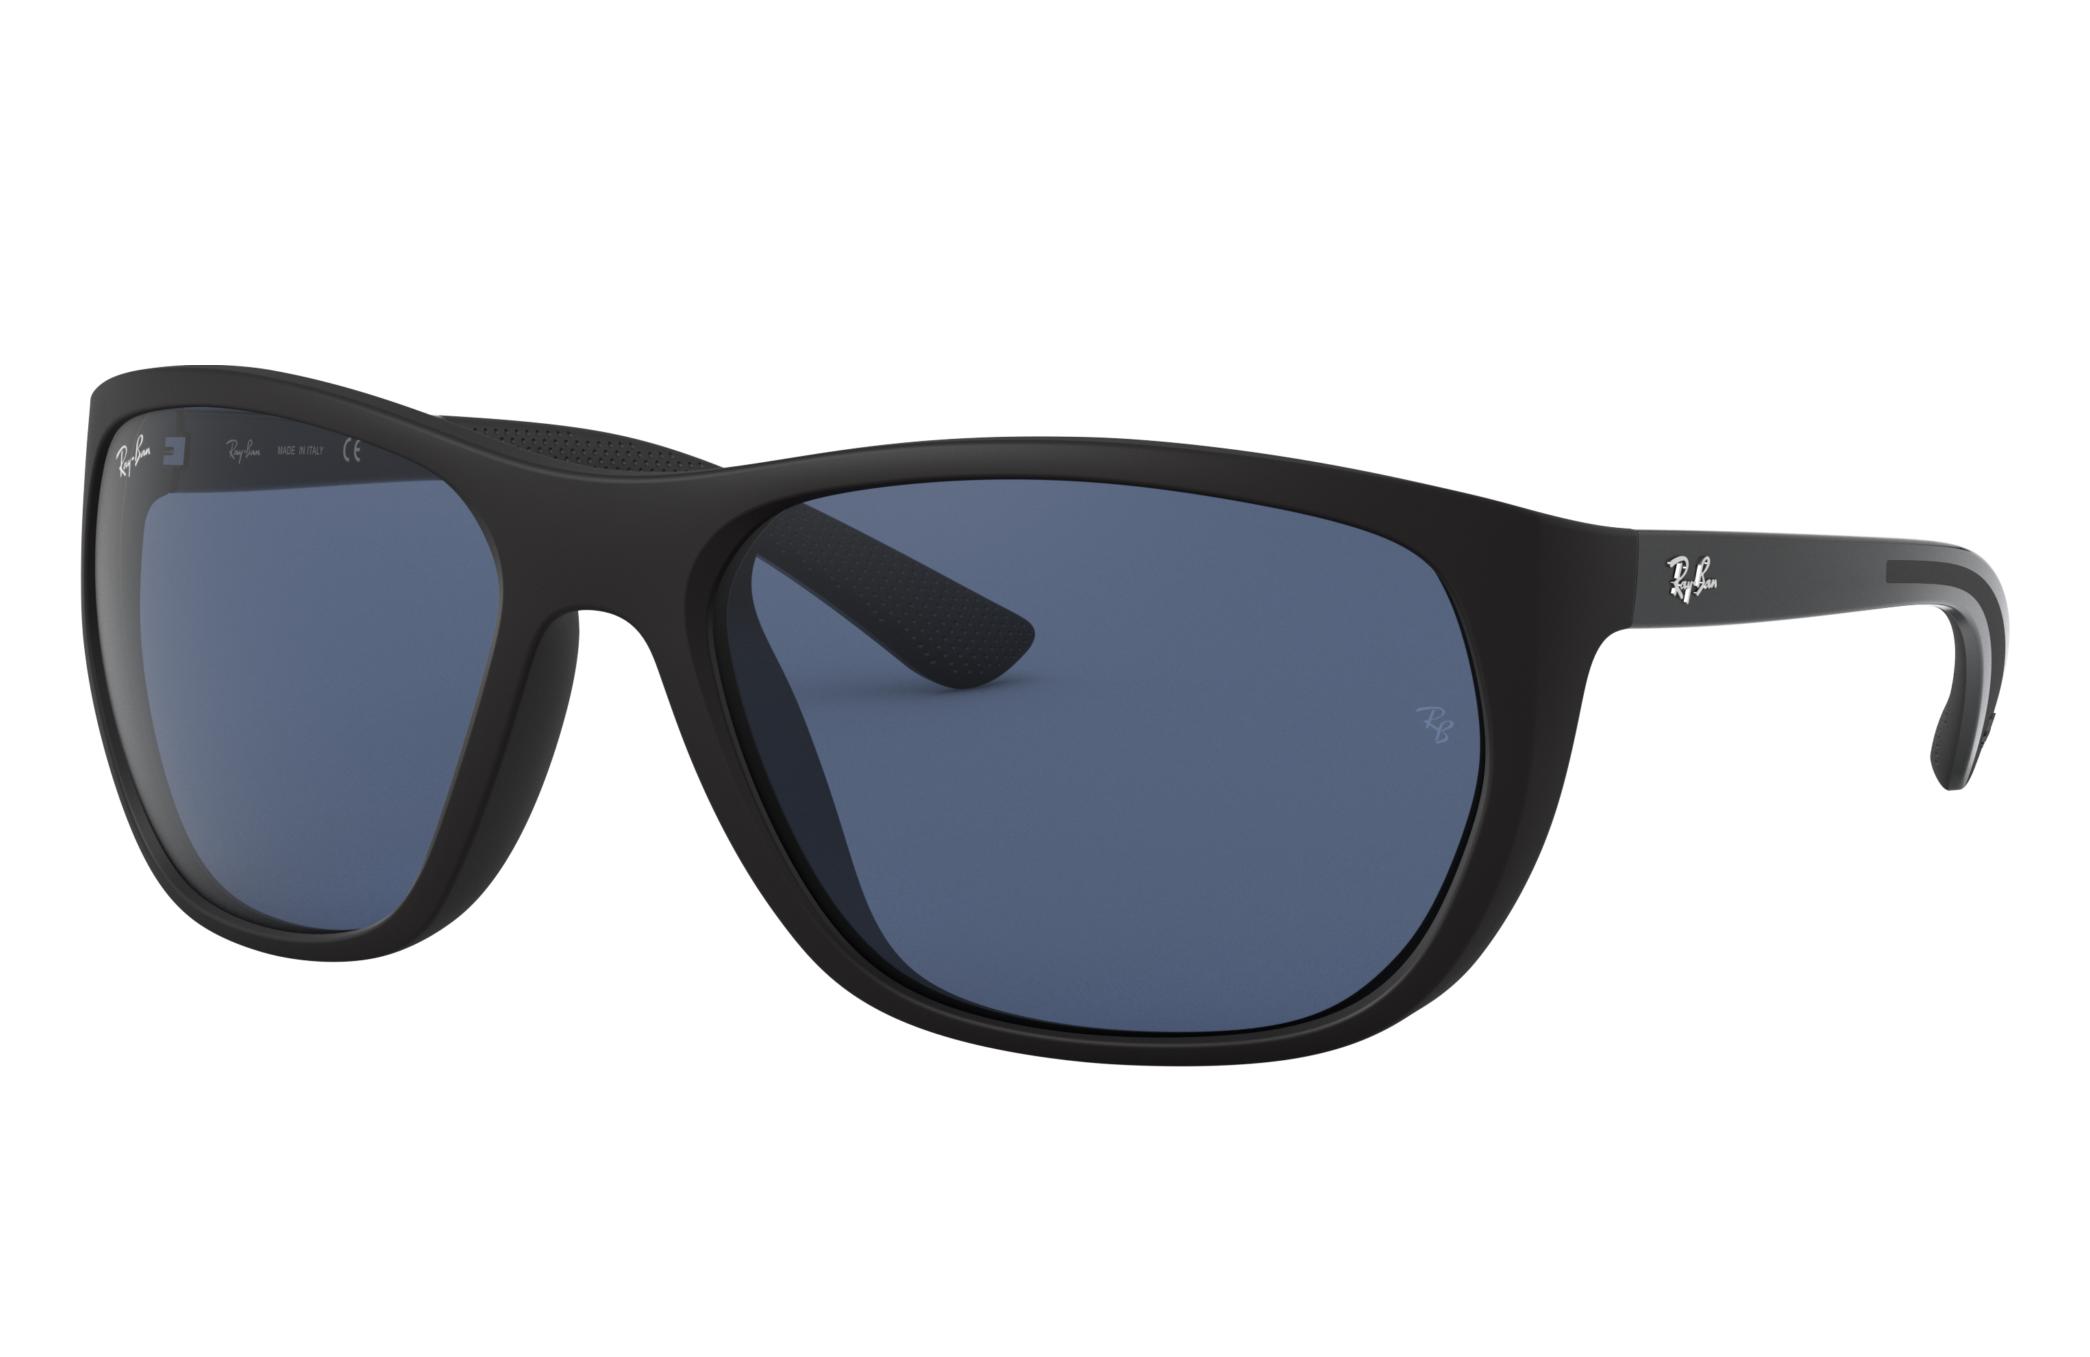 Ray-Ban Rb4307 Black, Blue Lenses - RB4307